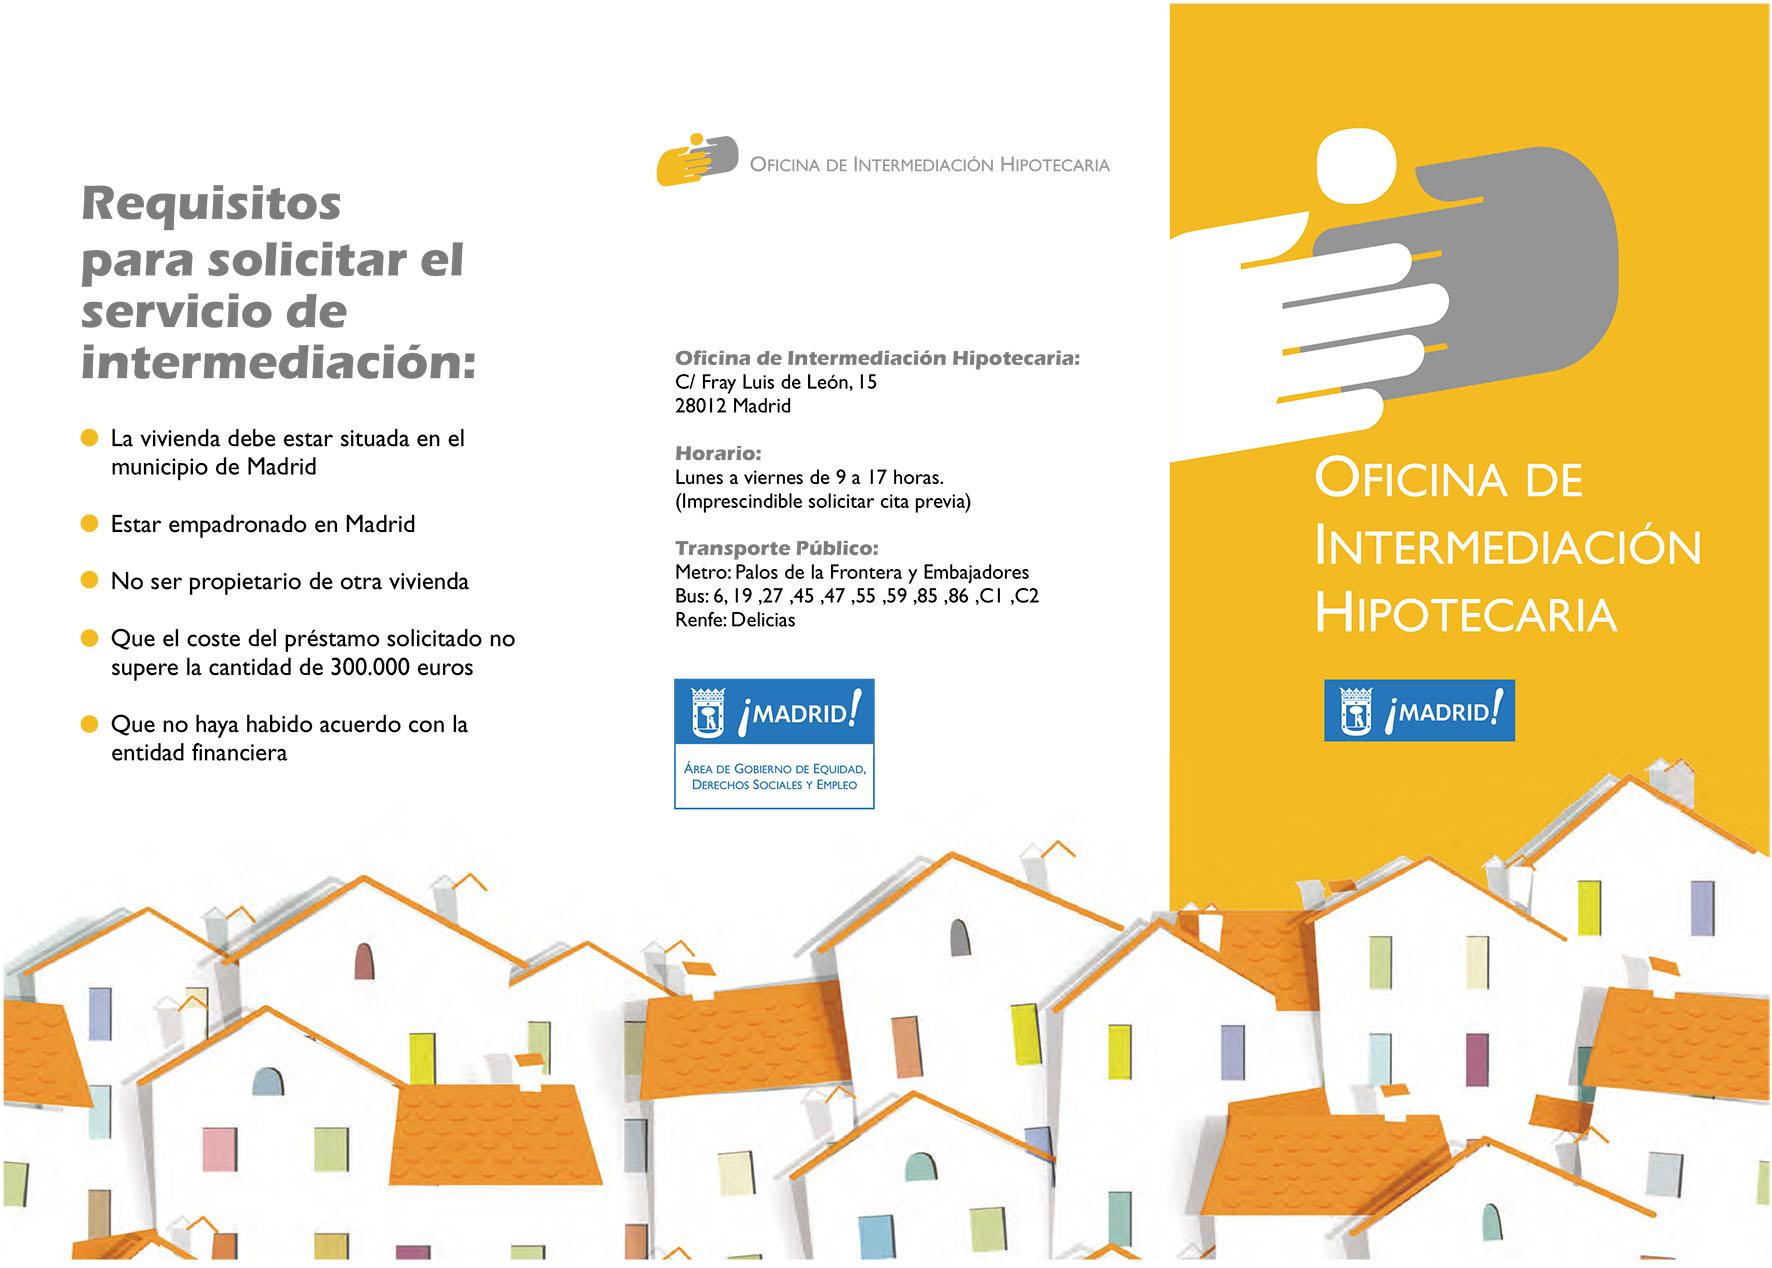 Tríptico oficina intermediación hipotecaria